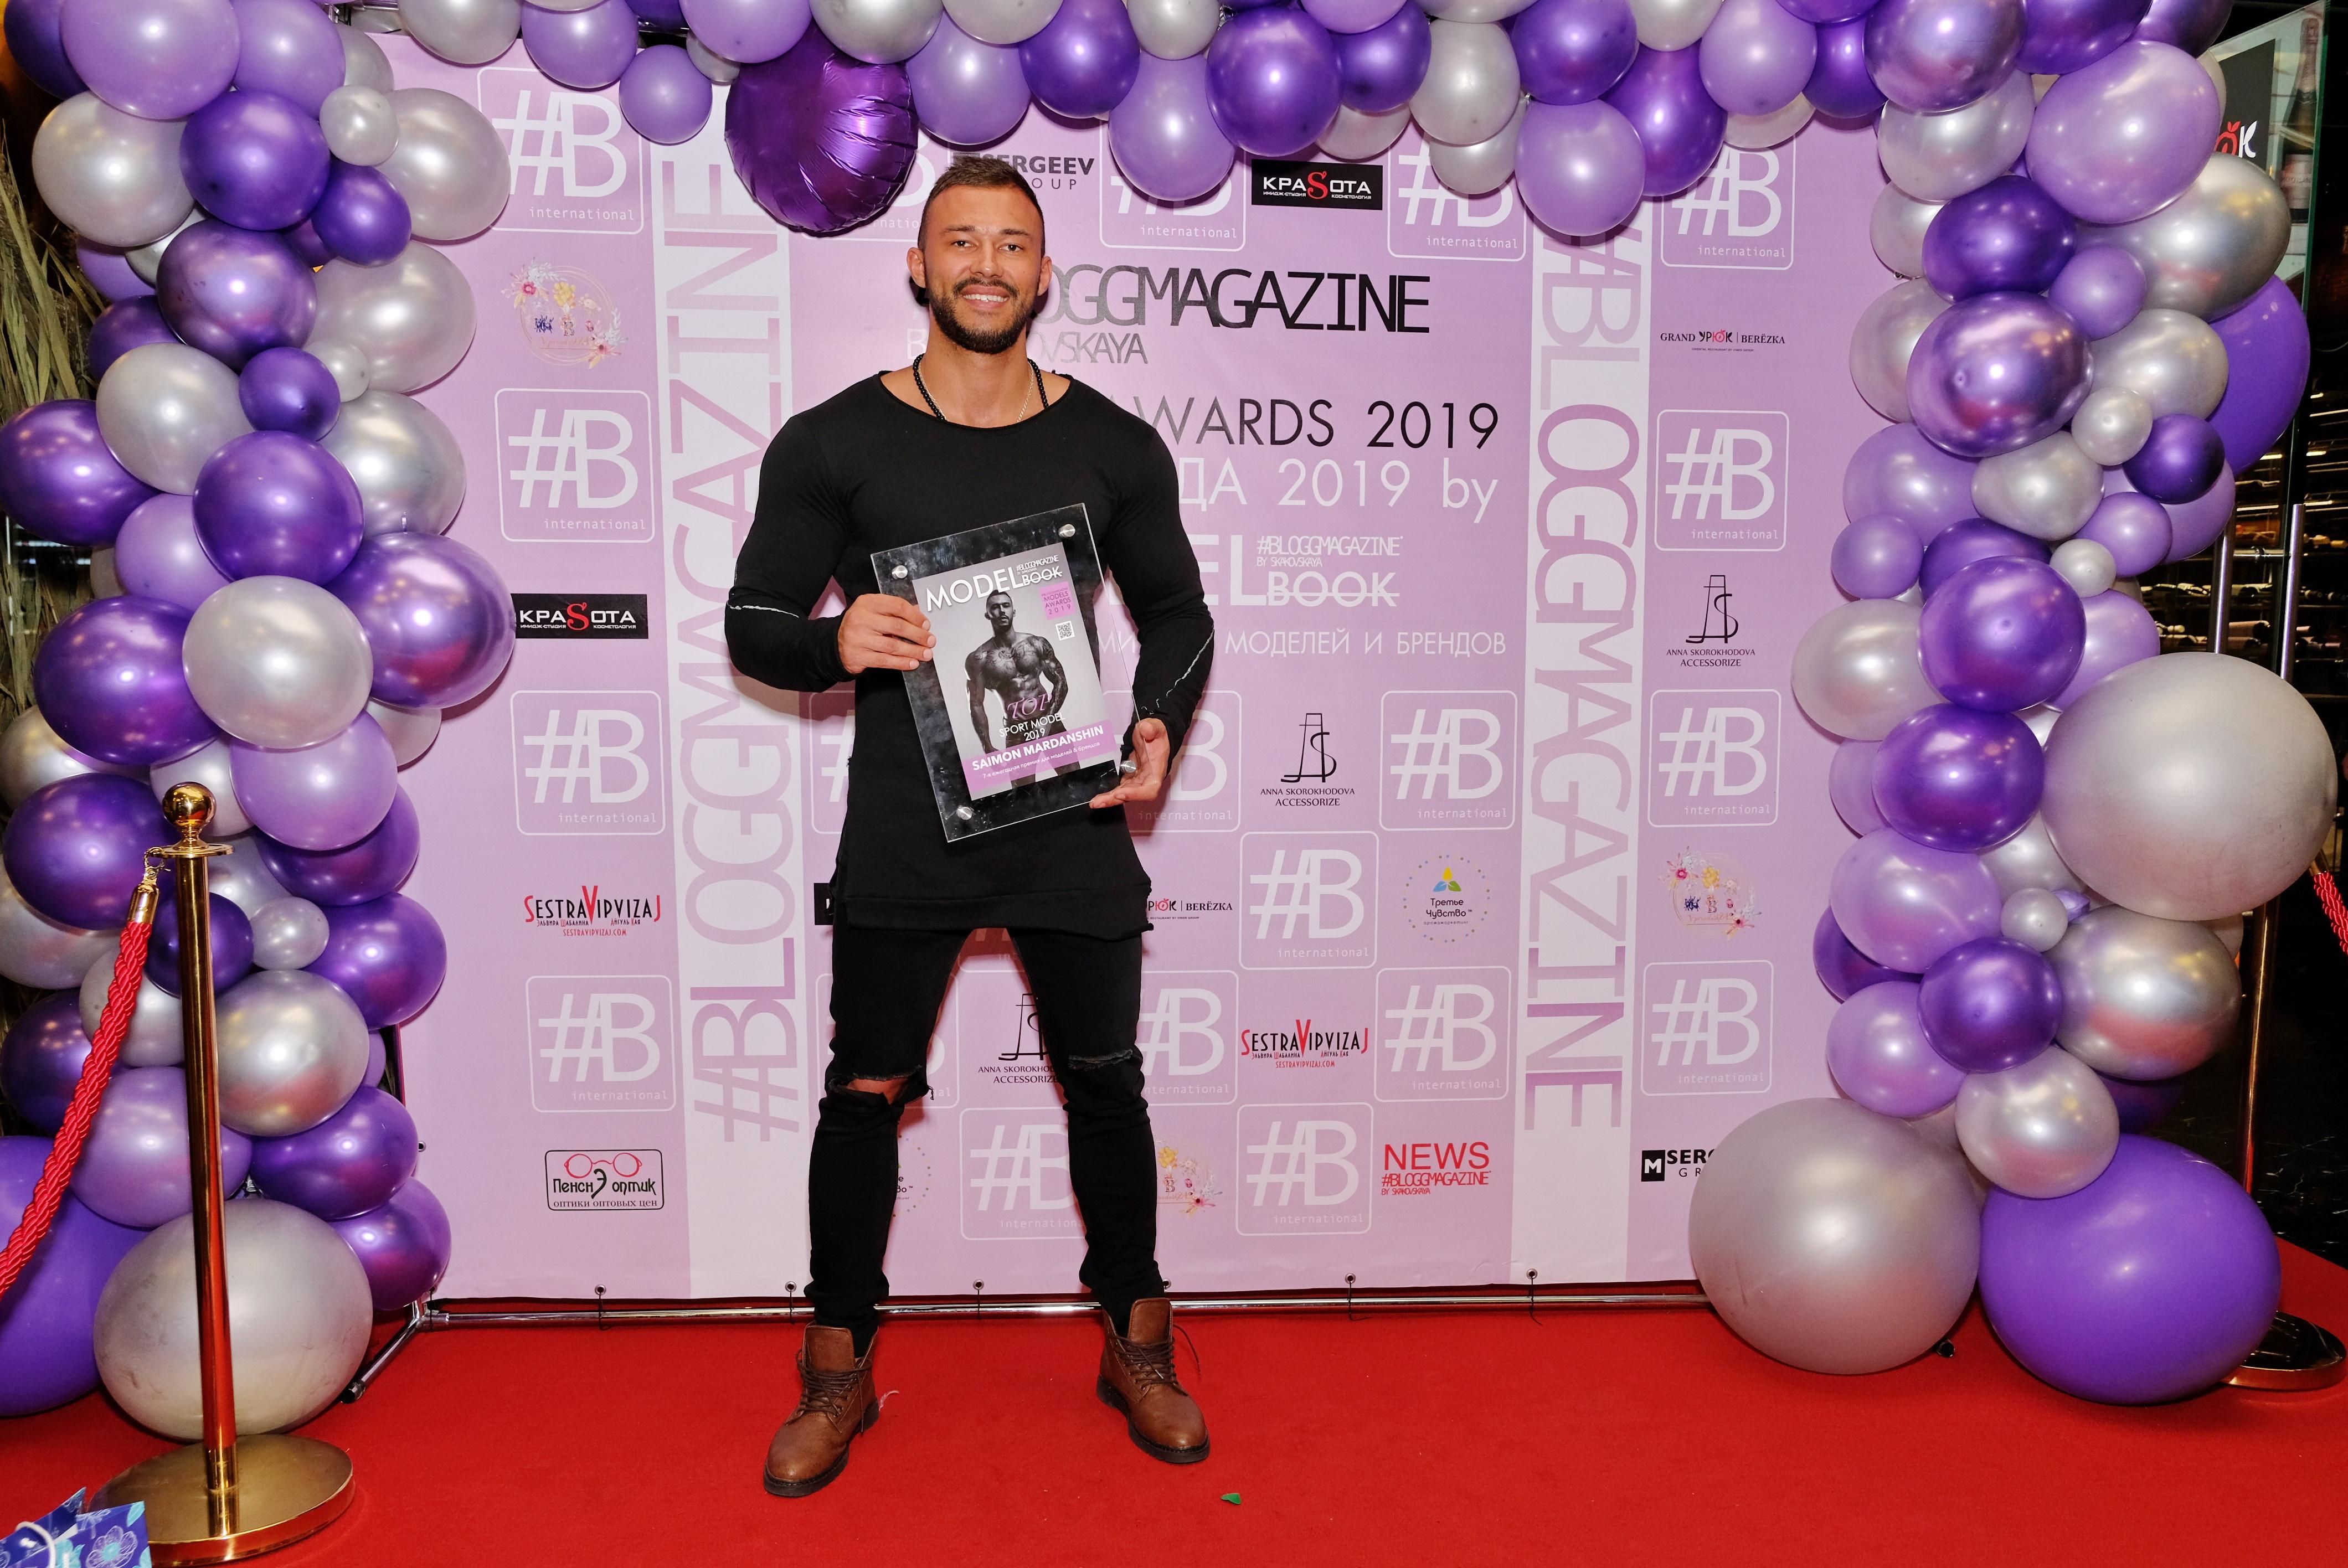 bloggmagazine_models_awards2019_11